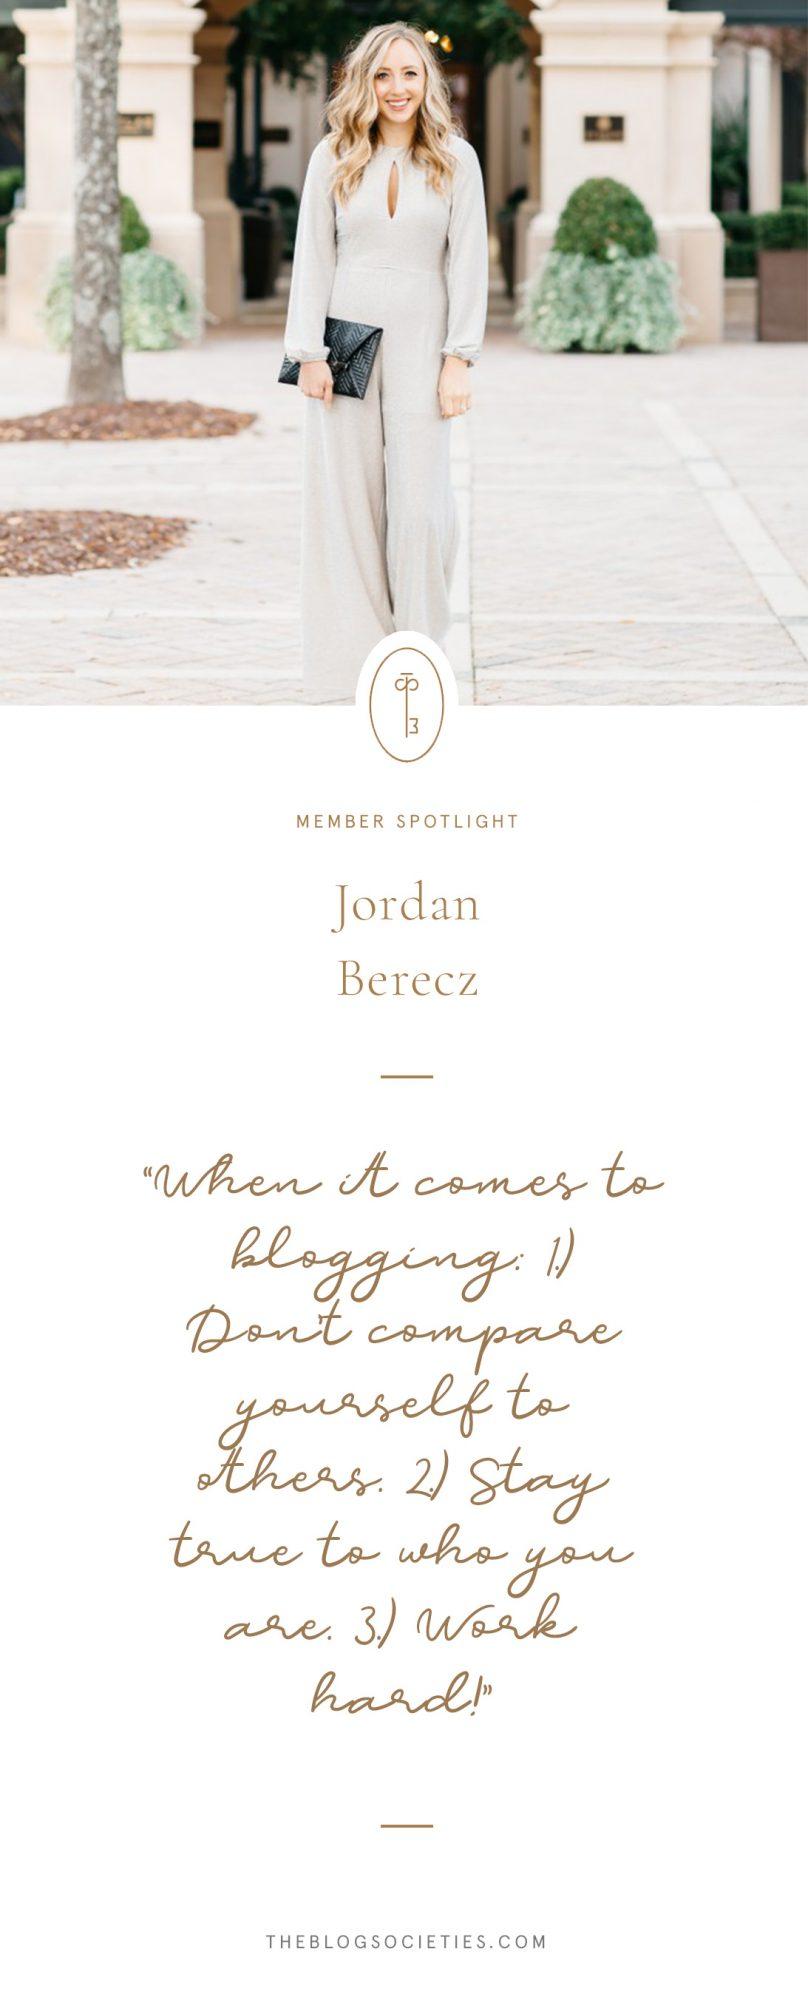 georgia bloggers, atlanta bloggers - Jordan Berecz